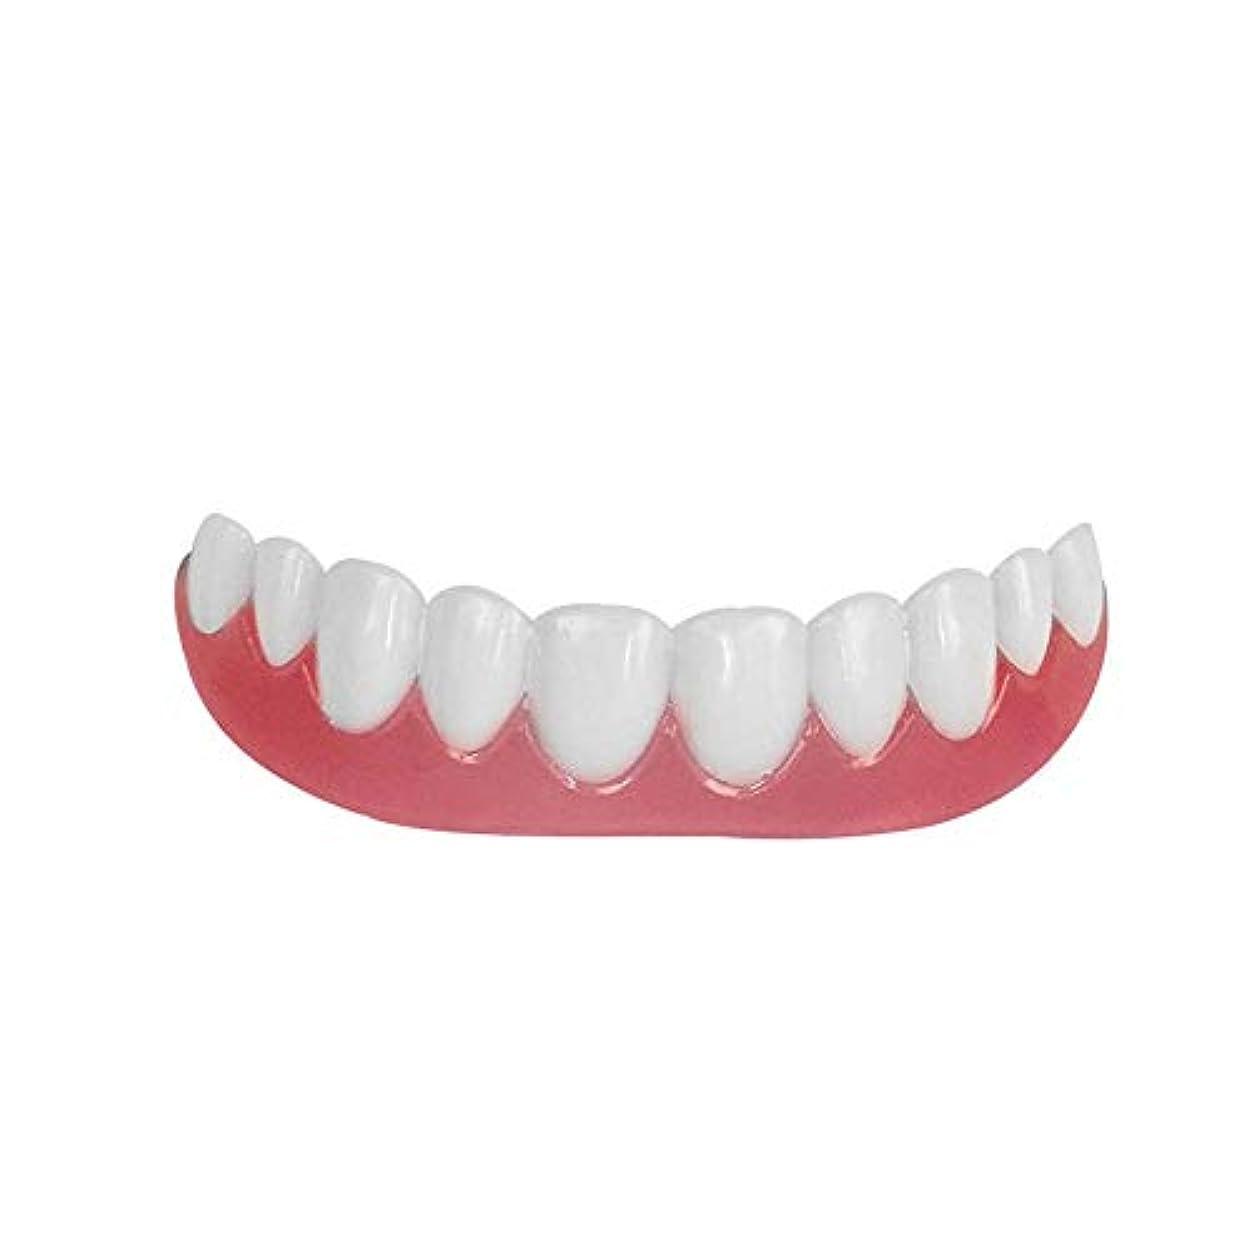 並外れて捨てる許可シリコーン模擬歯上歯、ホワイトニングデンタルステッカー、歯ホワイトニングセット(3pcs),A